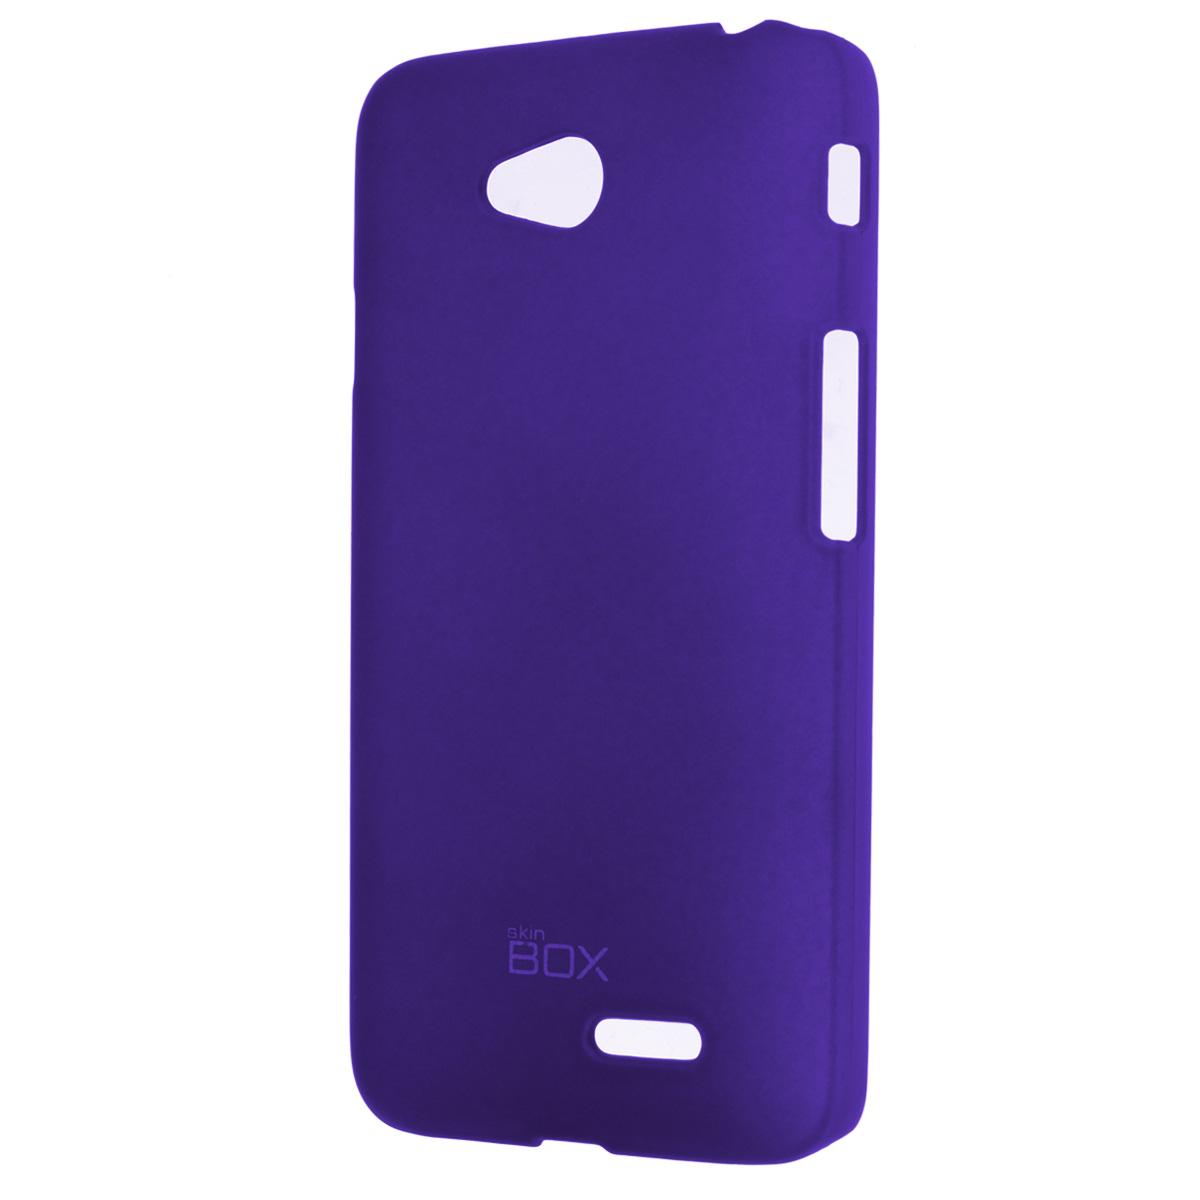 Skinbox Shield 4People чехол для LG L70 Dual, BlueT-S-LL70-002Чехол Skinbox Shield 4People для LG L70 предназначен для защиты корпуса смартфона от механических повреждений и царапин в процессе эксплуатации. Имеется свободный доступ ко всем разъемам и кнопкам устройства. В комплект также входит защитная пленка на экран телефона.